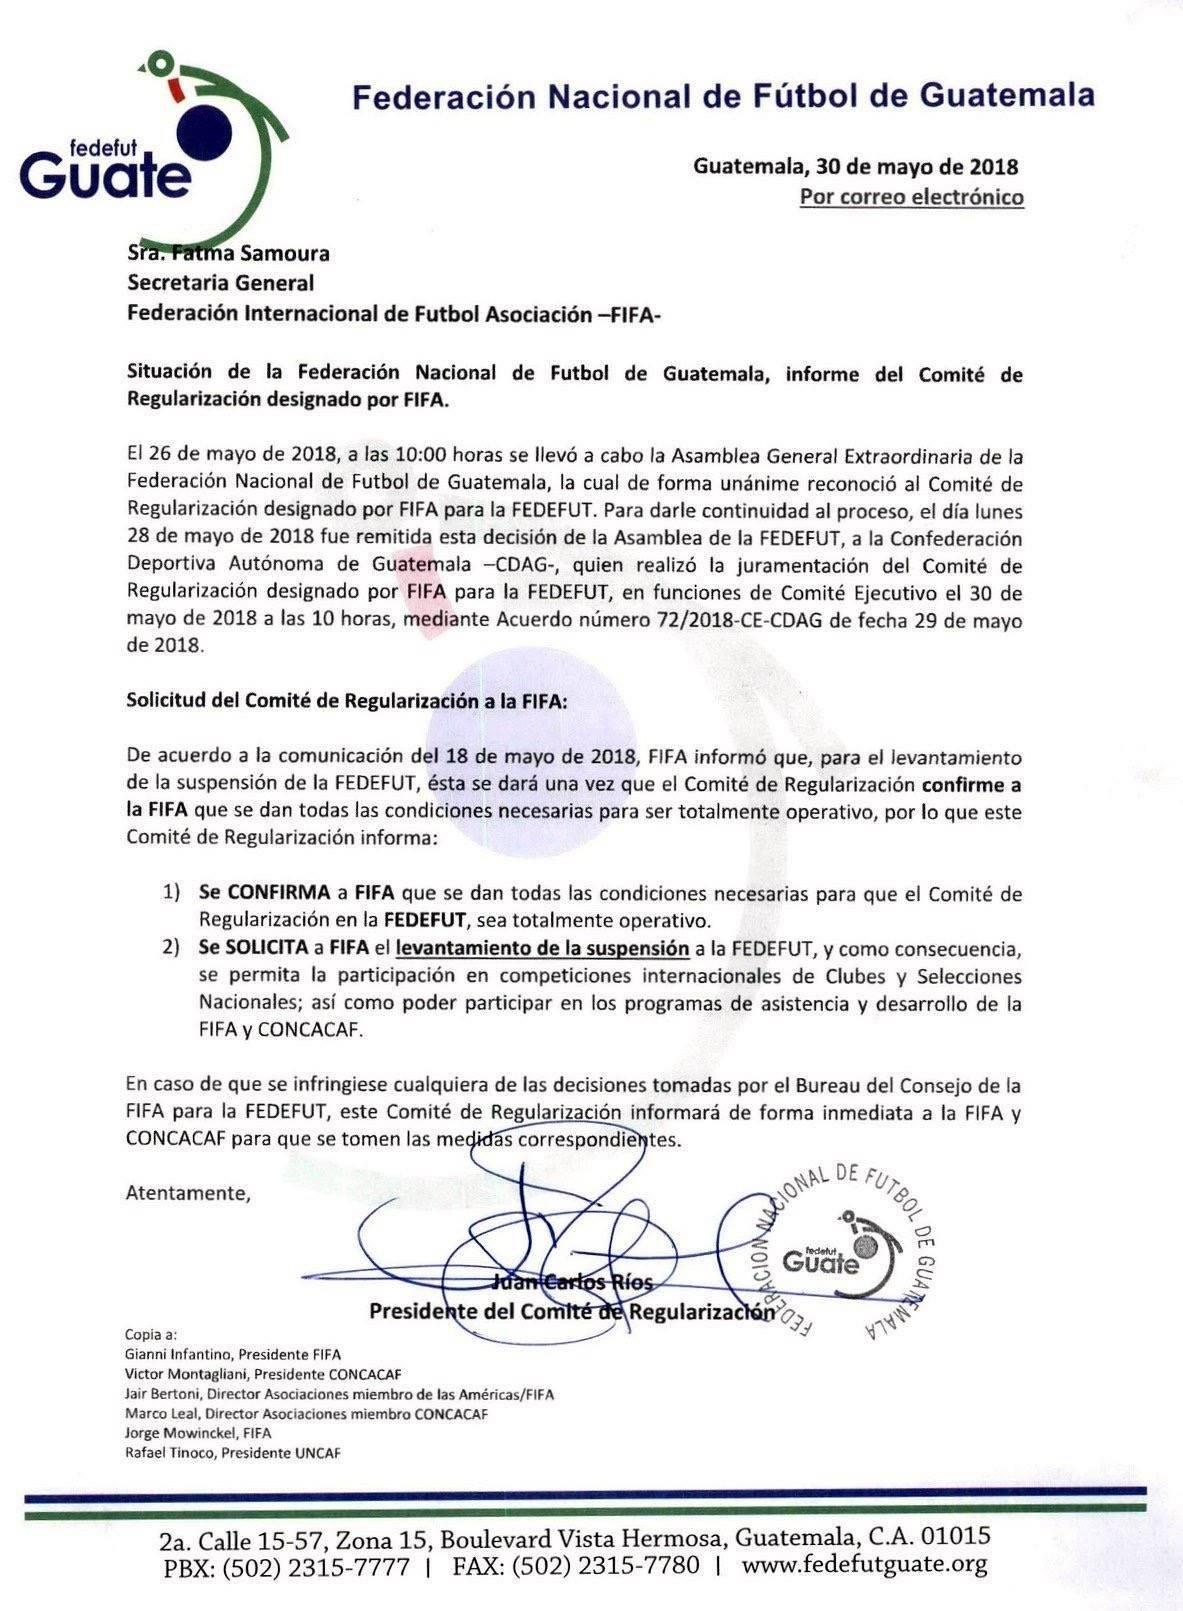 La carta enviada a la FIFA